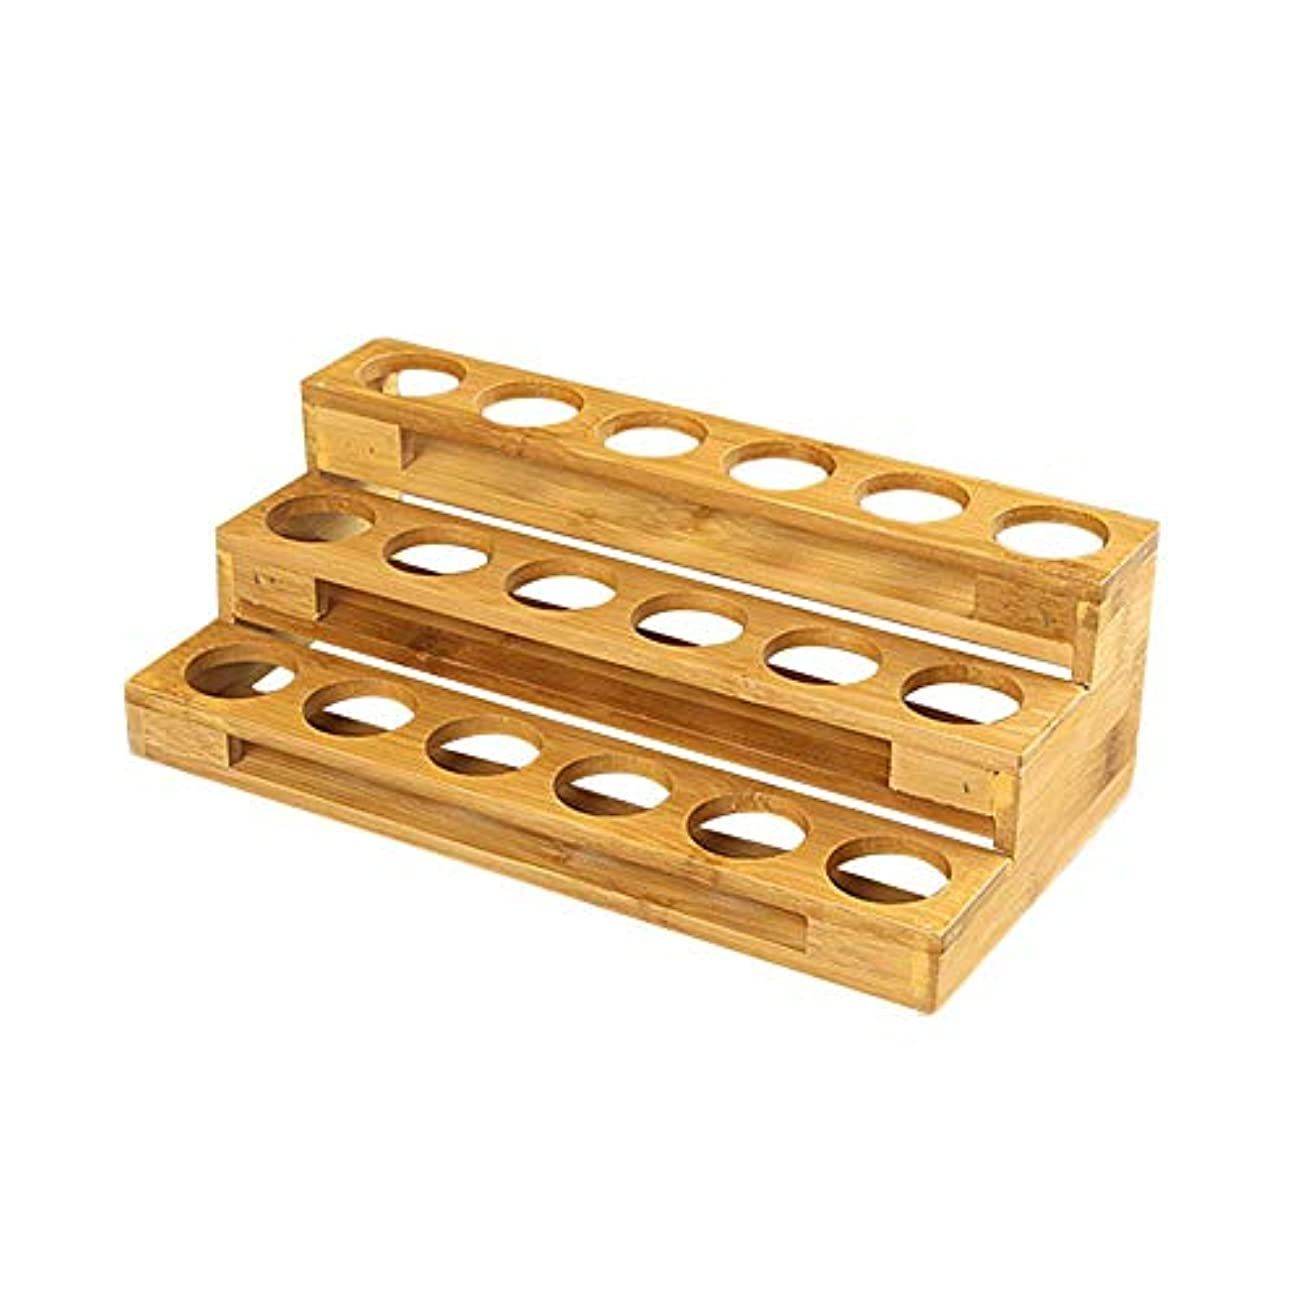 エレクトロニック結婚マンモスエッセンシャルオイル収納ボックス 自然木製 エッセンシャルオイルオイル 収納 ボックス 香水収納ケース はしごタイプ アロマオイル収納ボックス 18本用